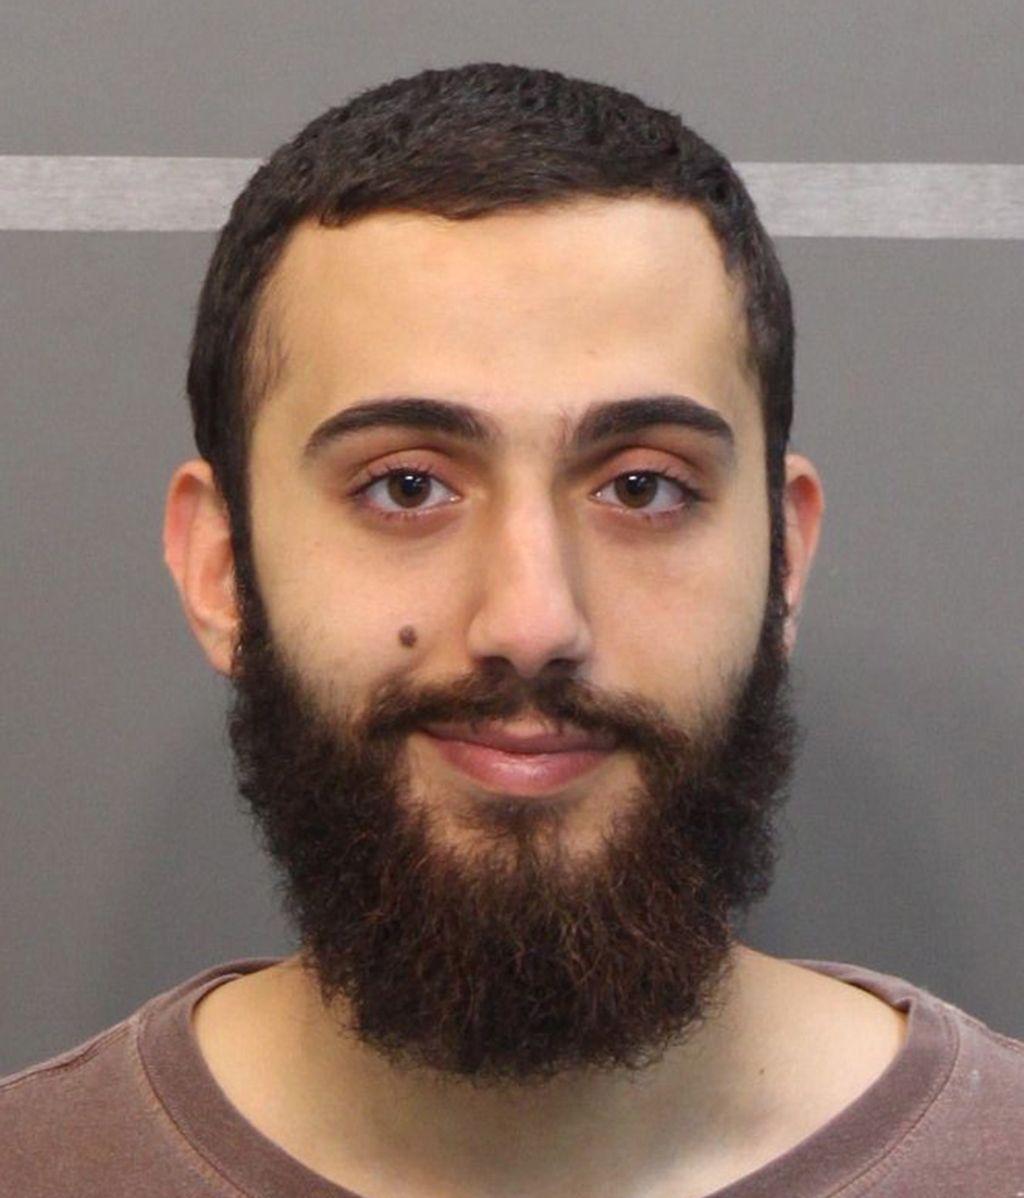 Mohammad Abdulazeez, supuesto autor del tiroteo en dos instalaciones militares de Chattanooga, en Tennessee